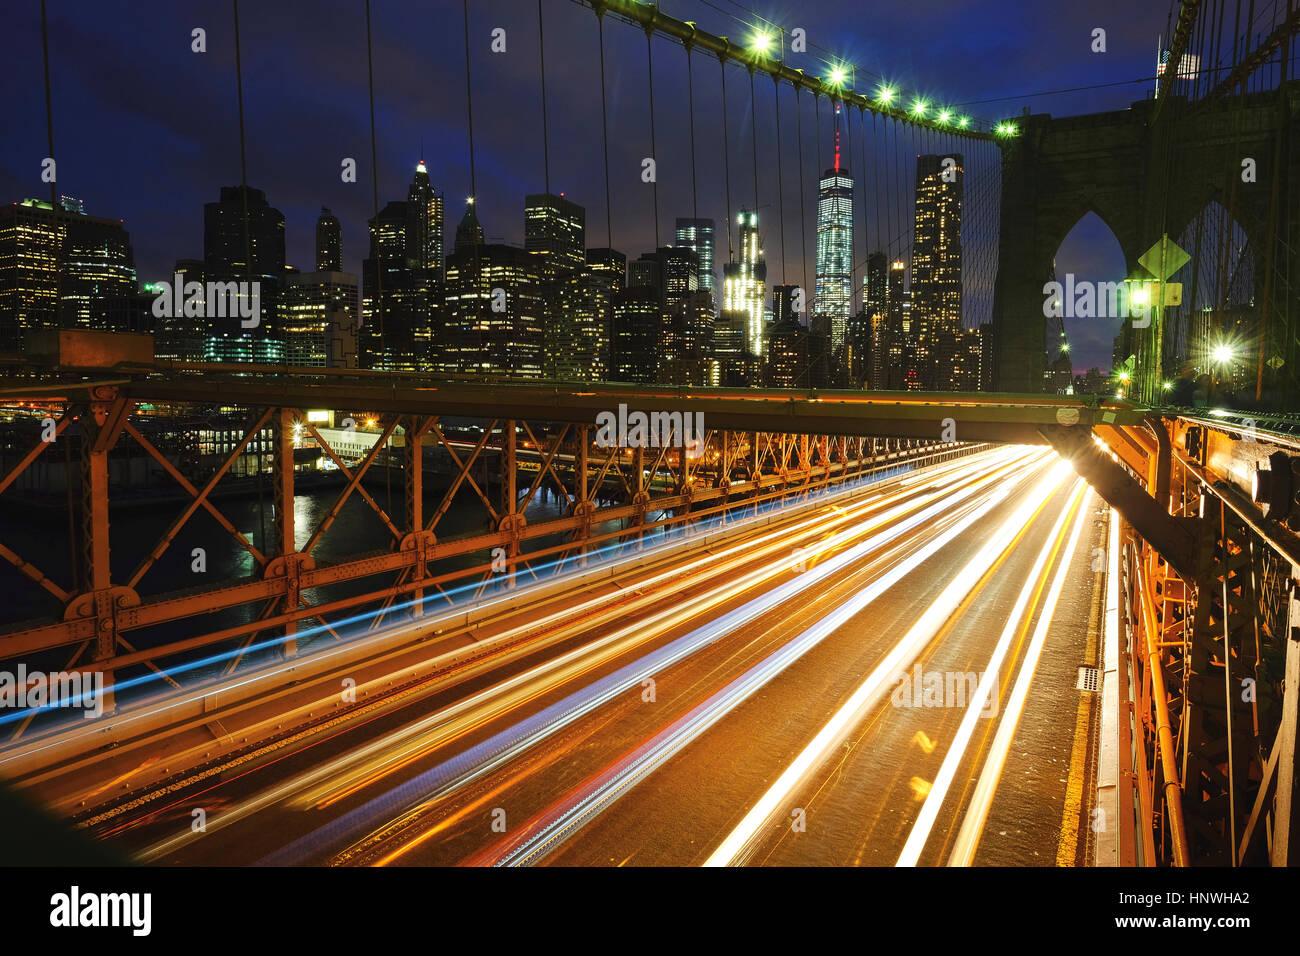 Des sentiers de lumière sur le pont de Brooklyn, New York, USA Photo Stock